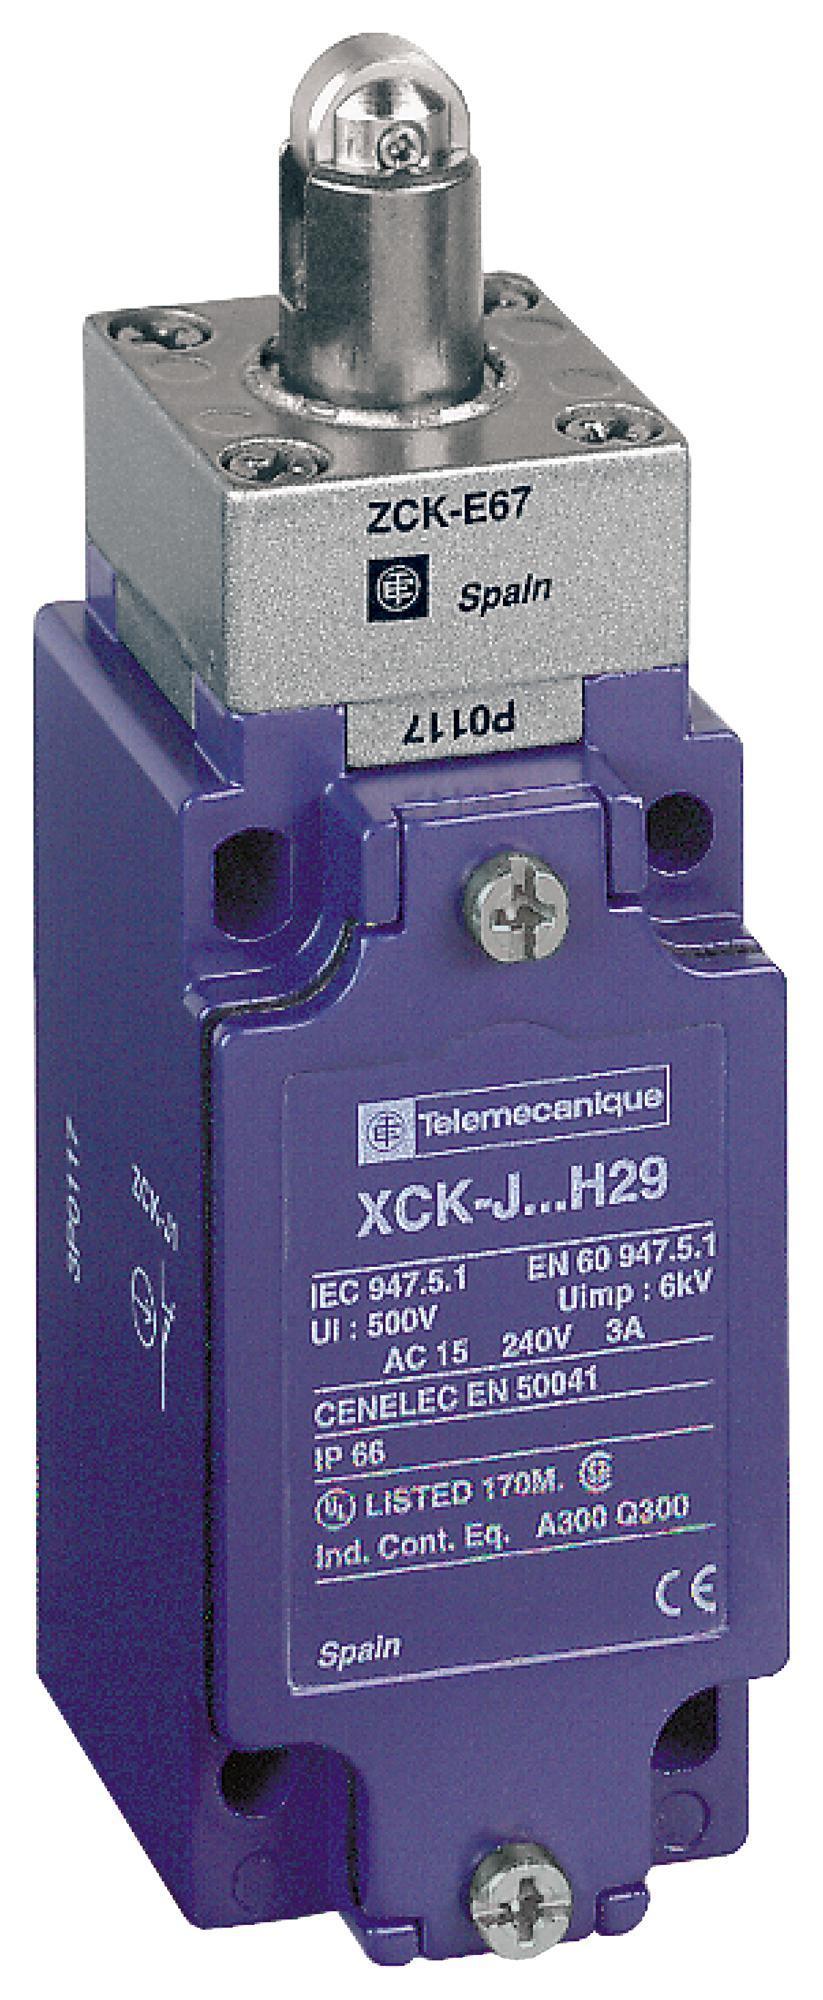 XCKJ567